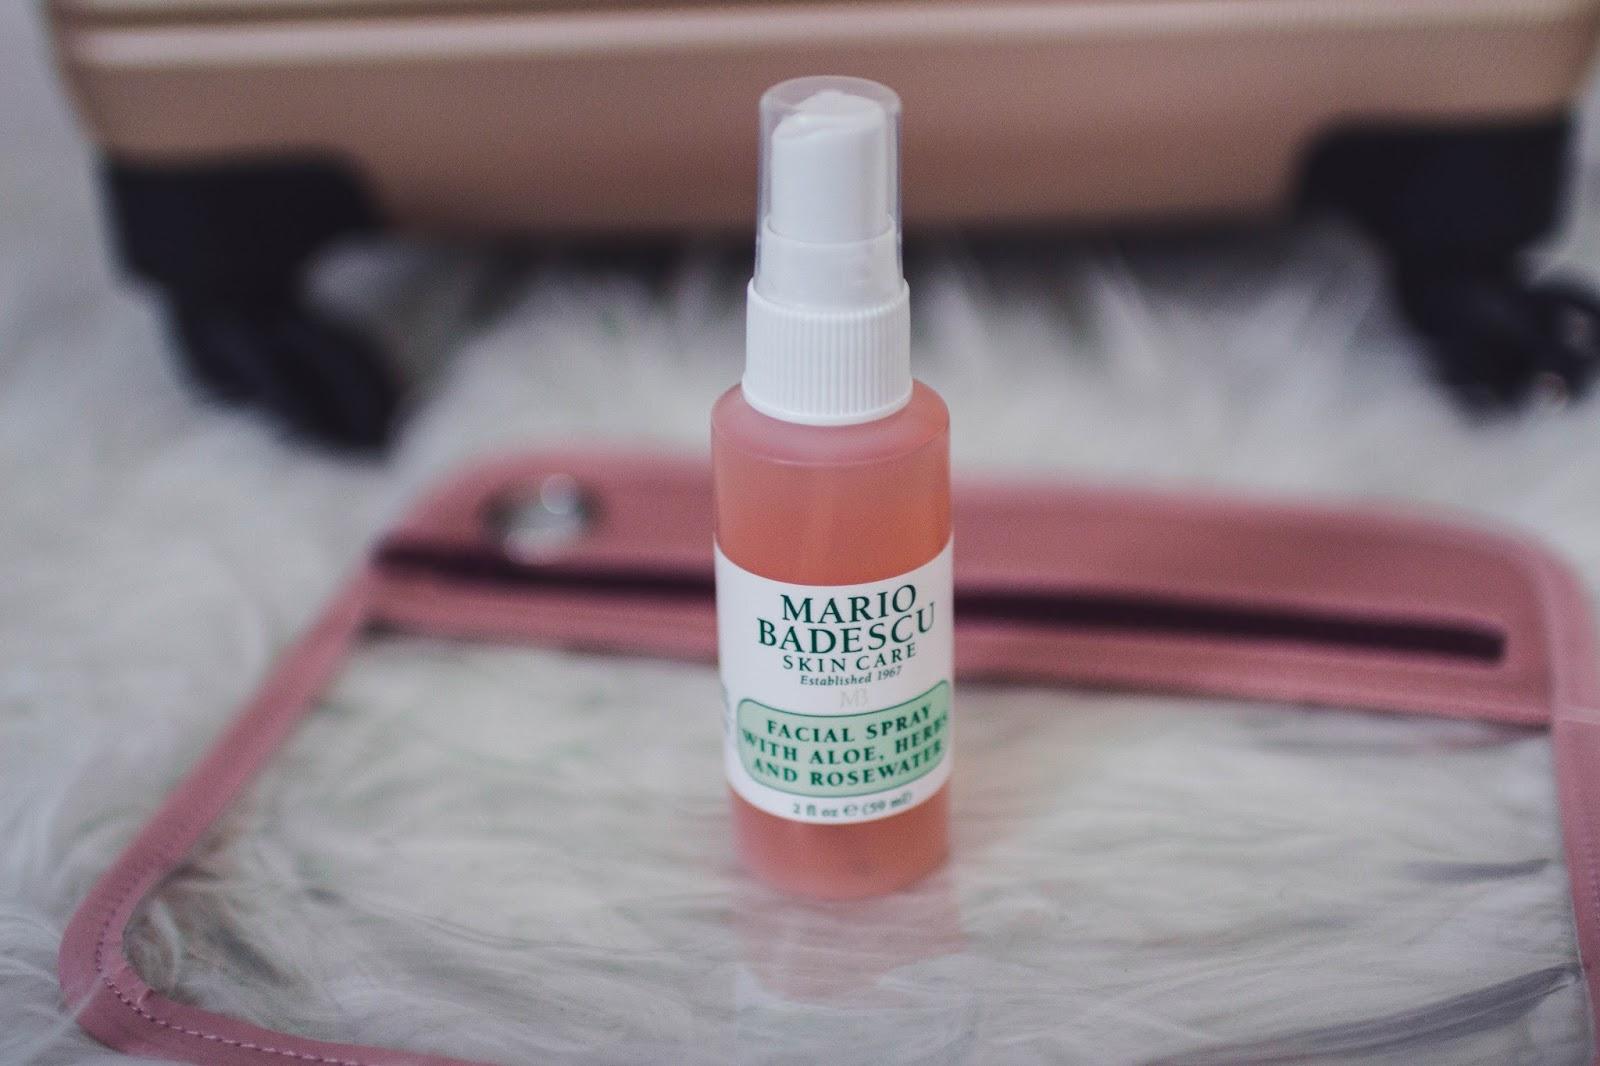 Mario-Badescu-Facial-Spray-Aloe-Herbs-Rosewater-travel